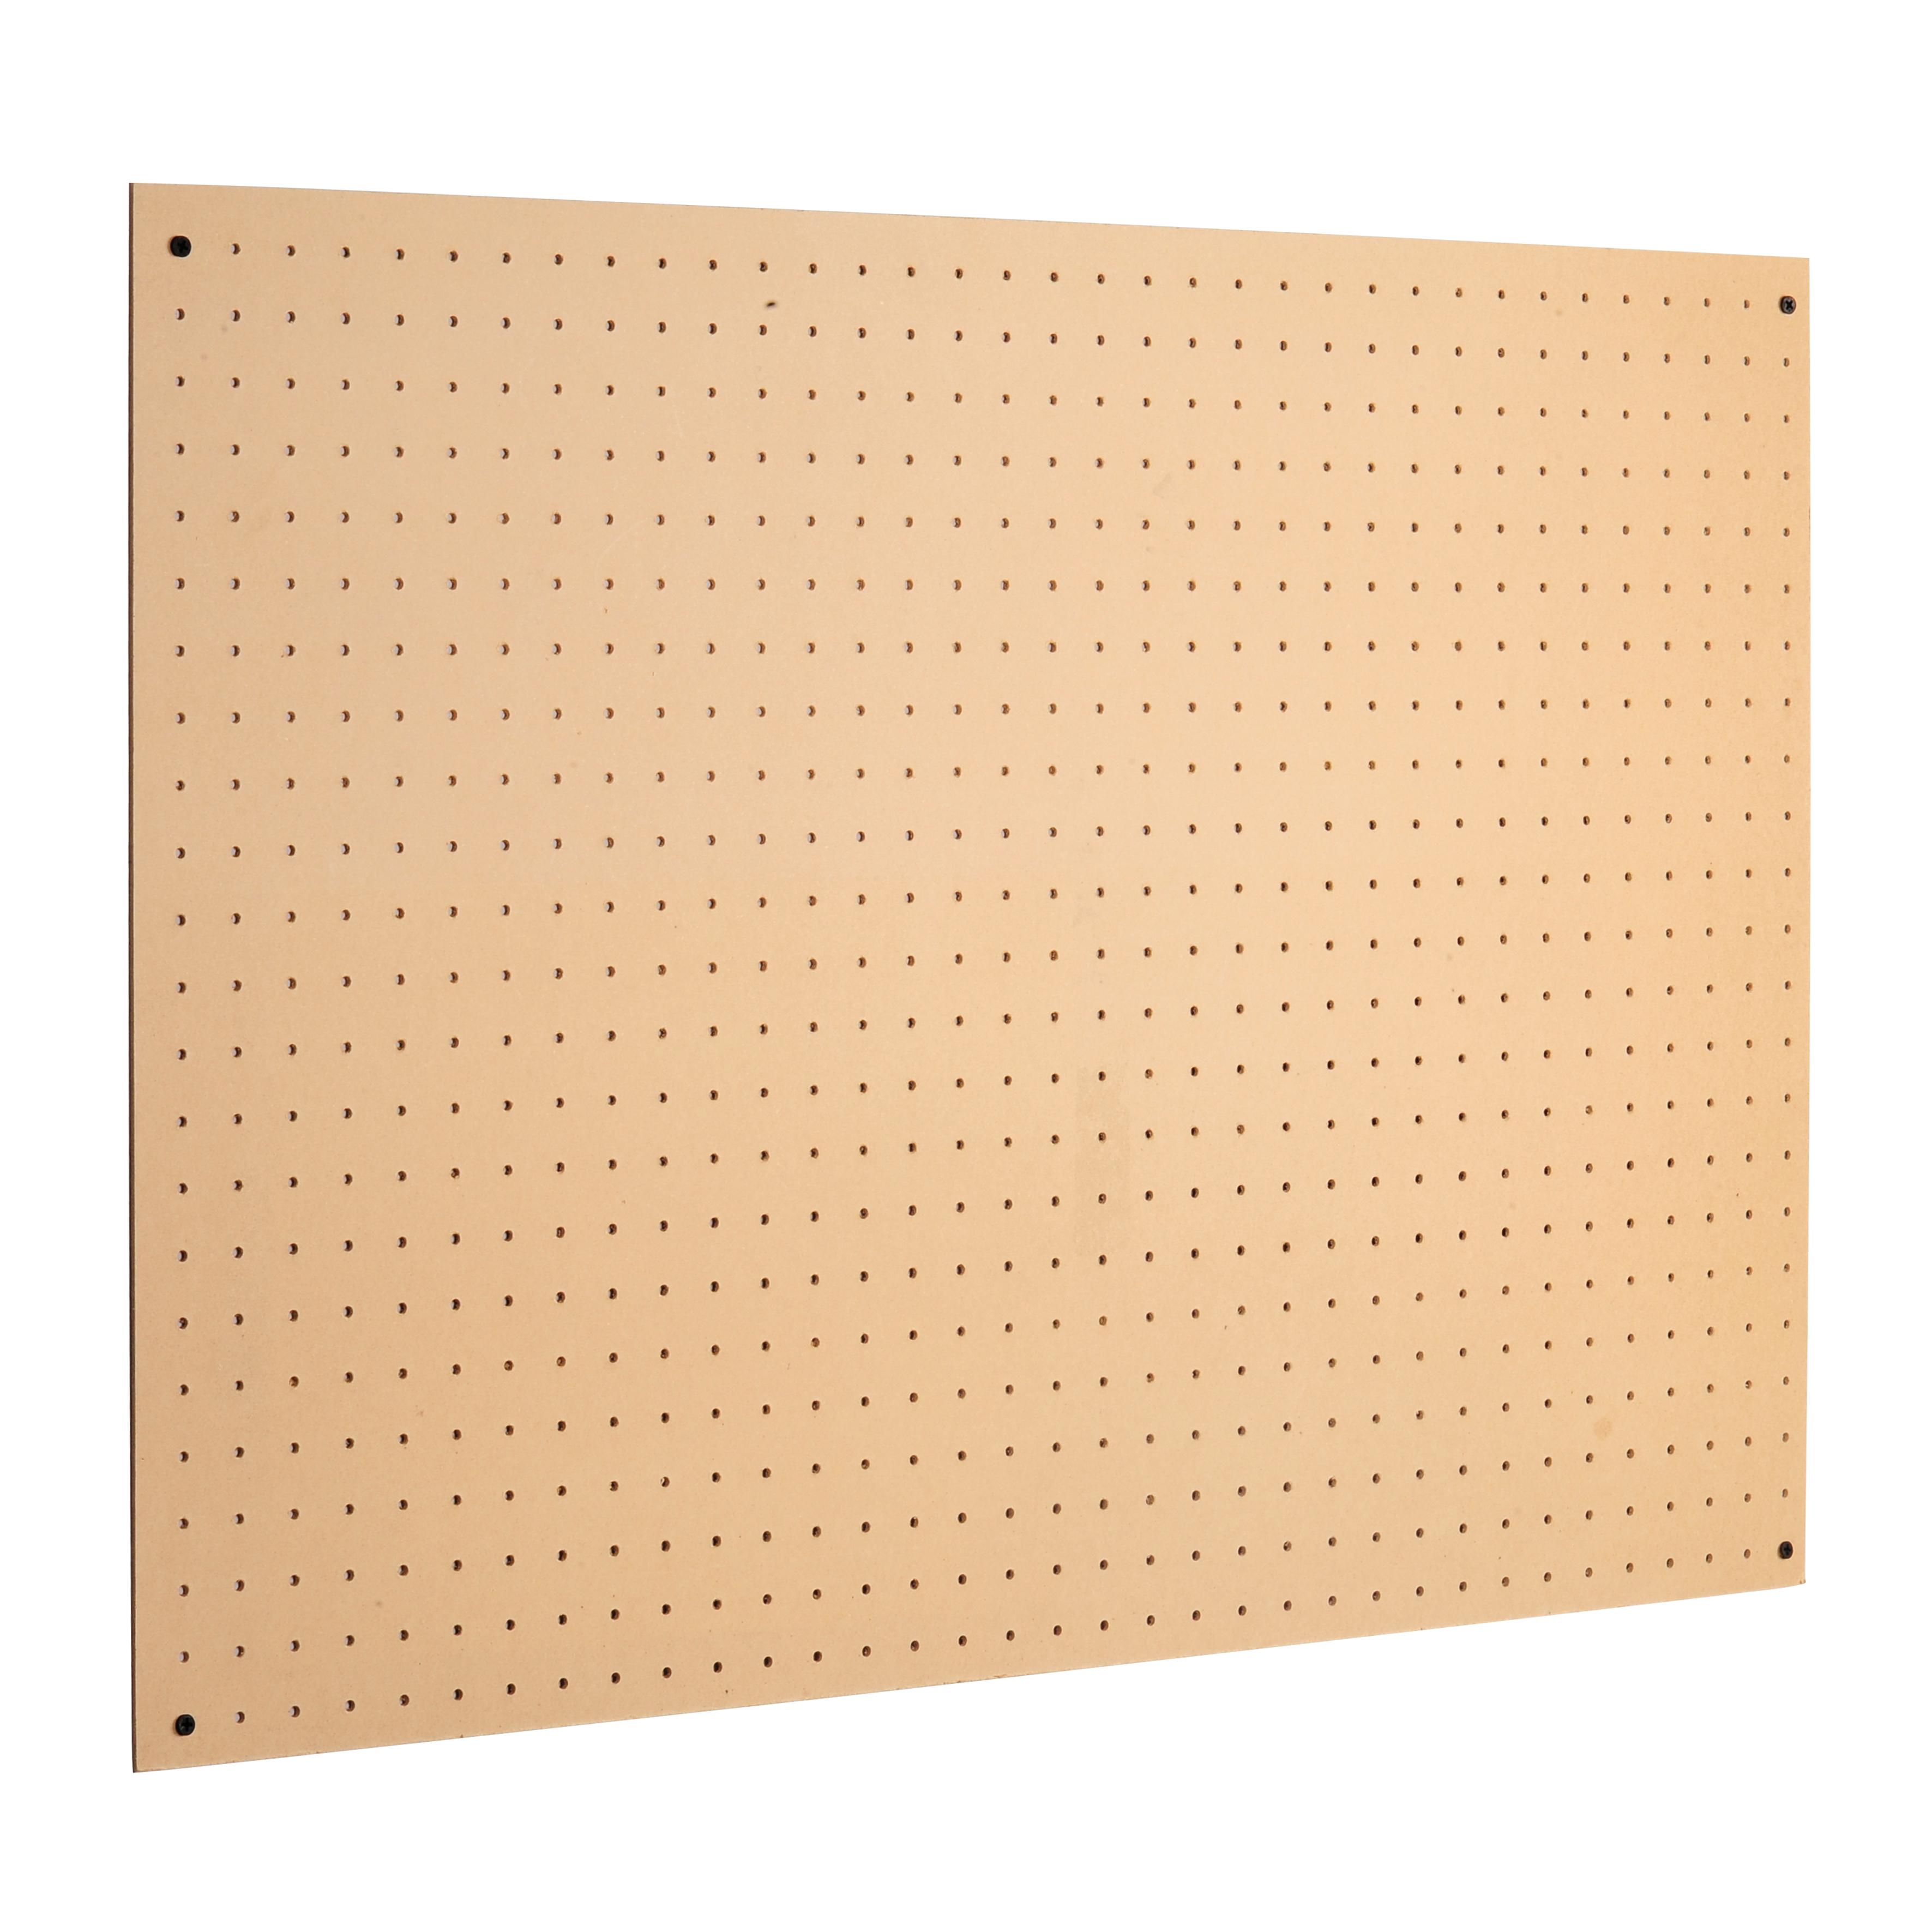 Pannello porta-attrezzi MOTTEZ 60x90 cm in legno 600 x 900 mm - 1